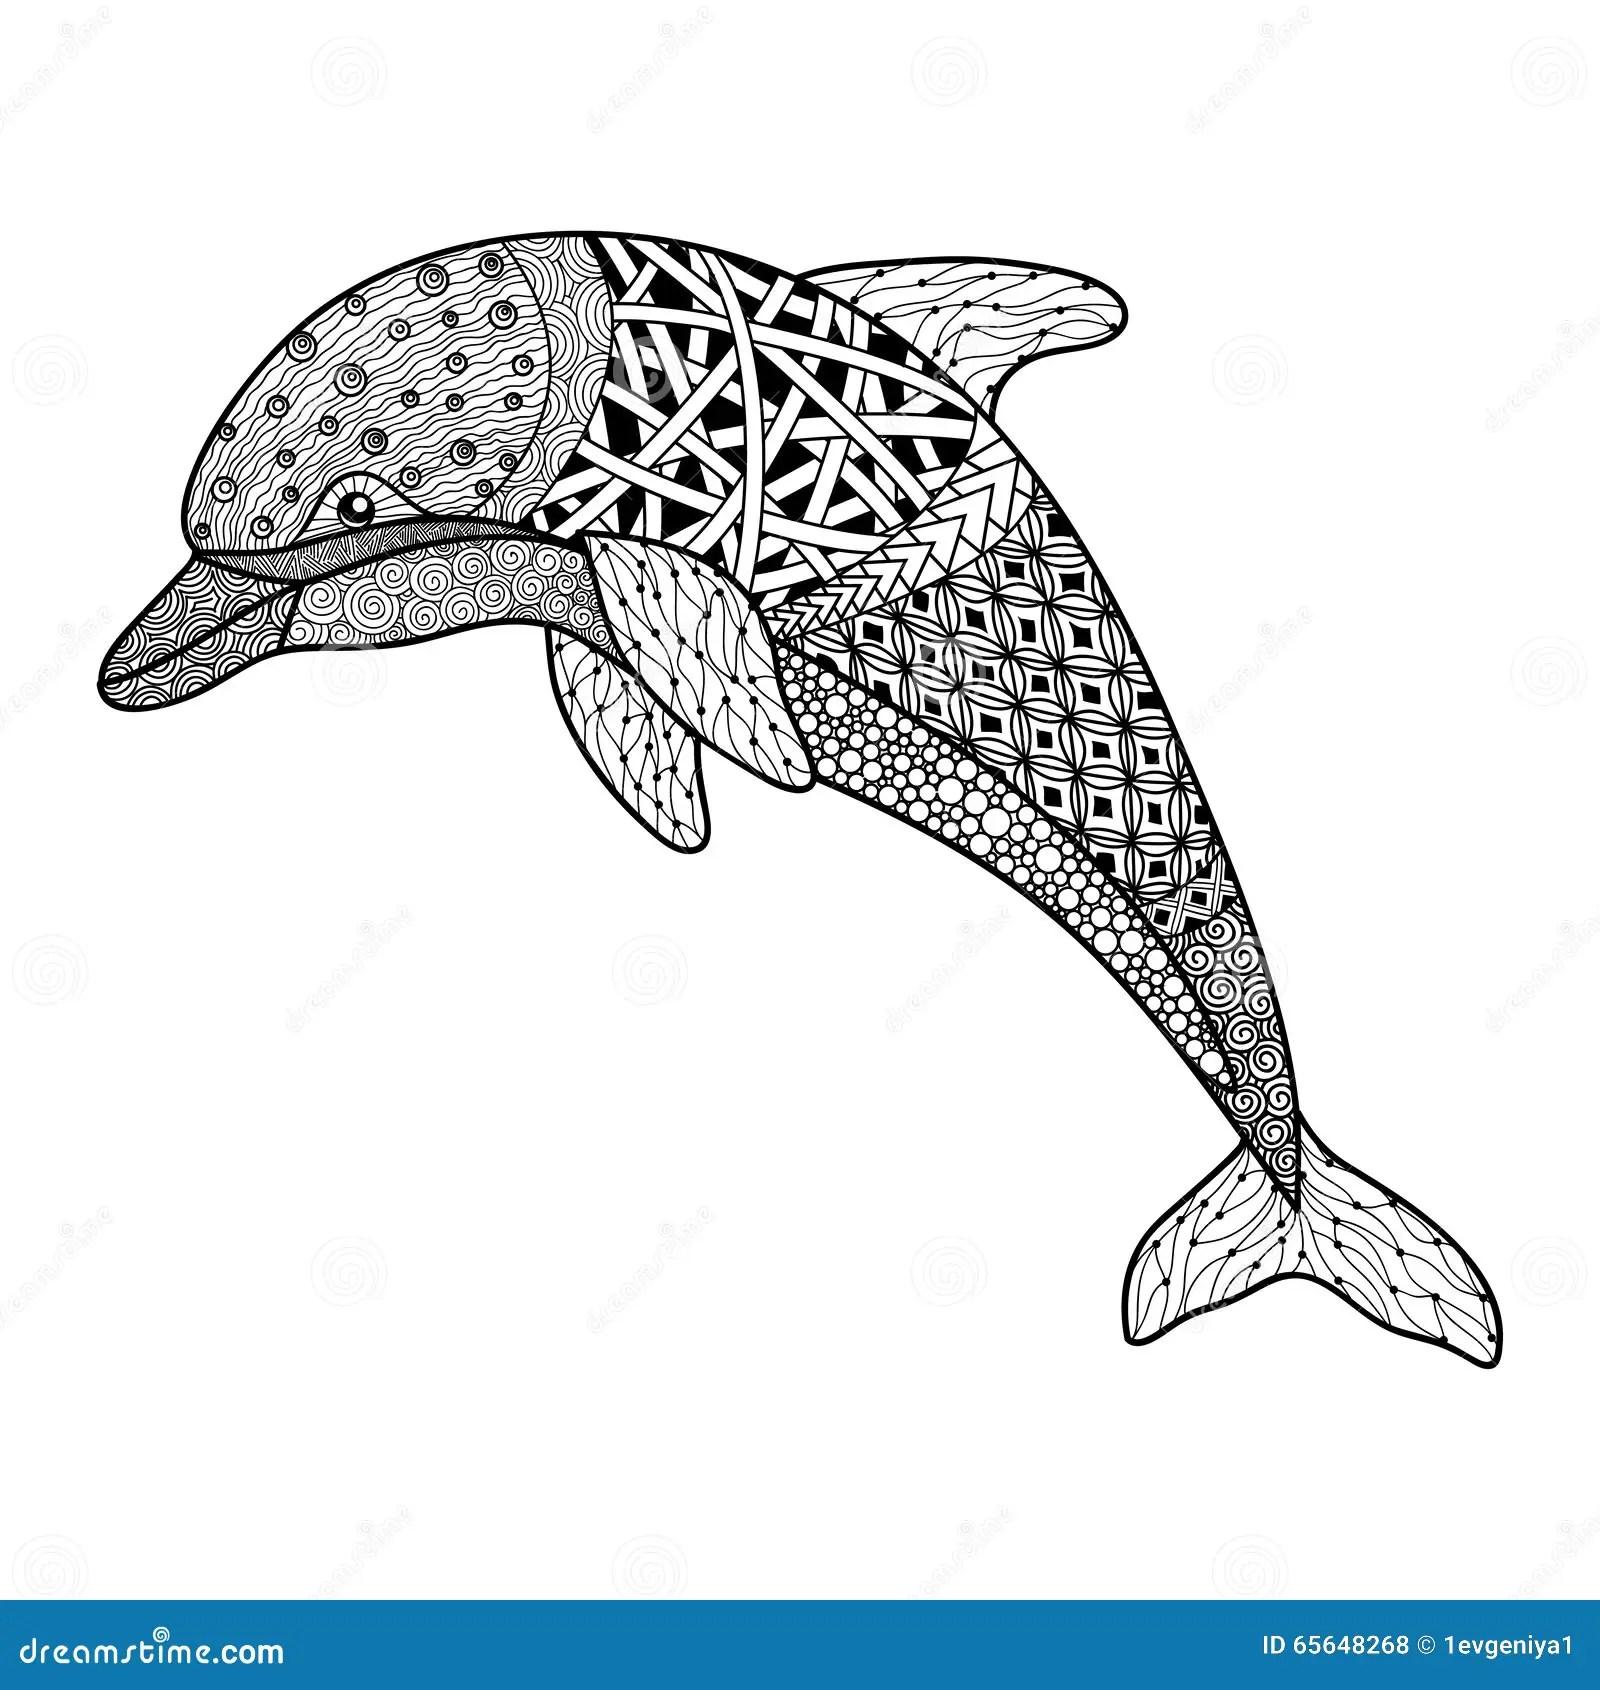 De Mooie Zwart Wit Zwart Witte Dolfijn Met Decoratief